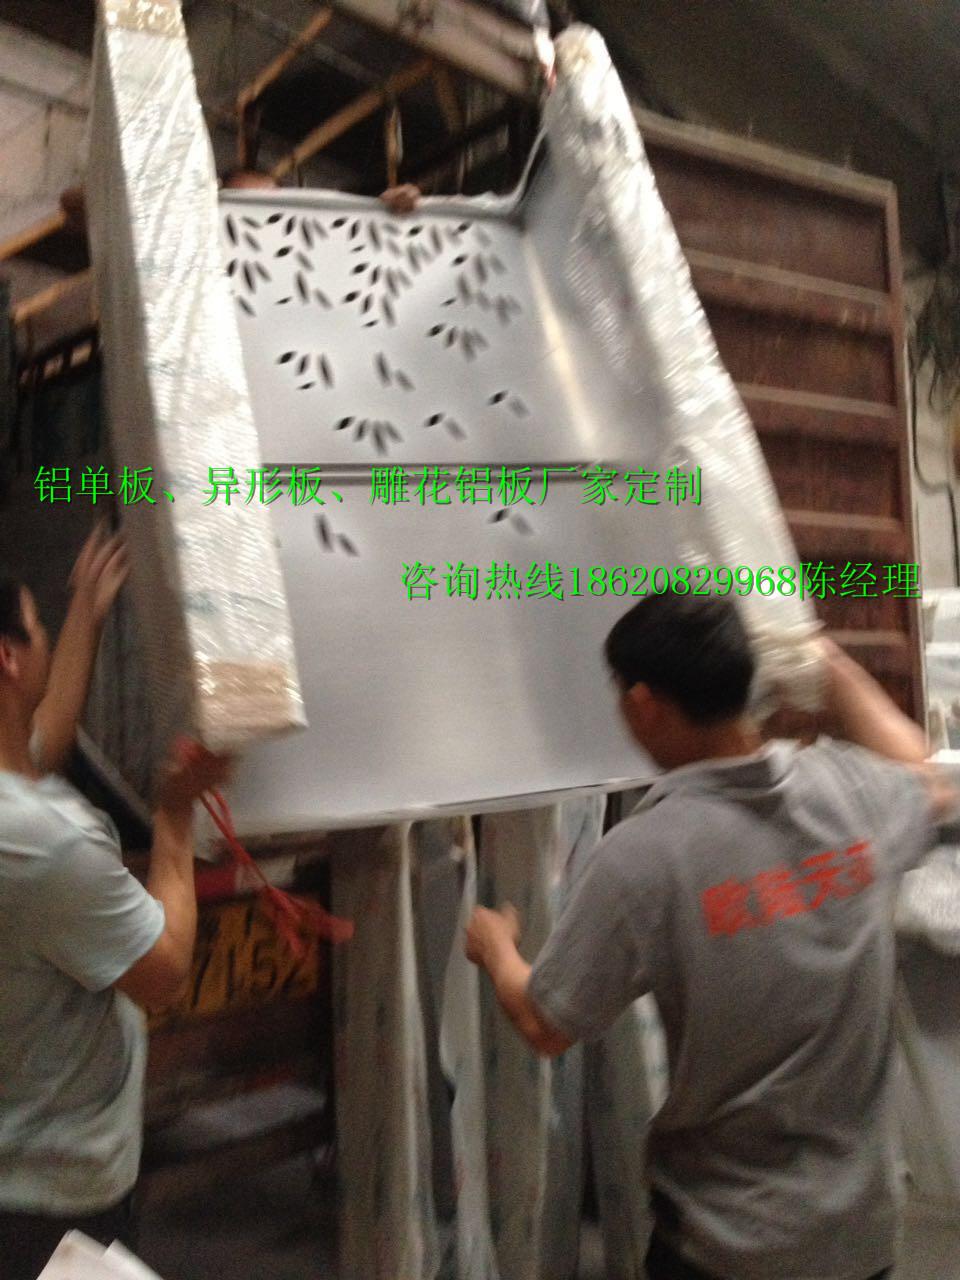 黄山幕墙铝单板厂家 欧佰幕墙铝单板厂家 雕刻铝板报价